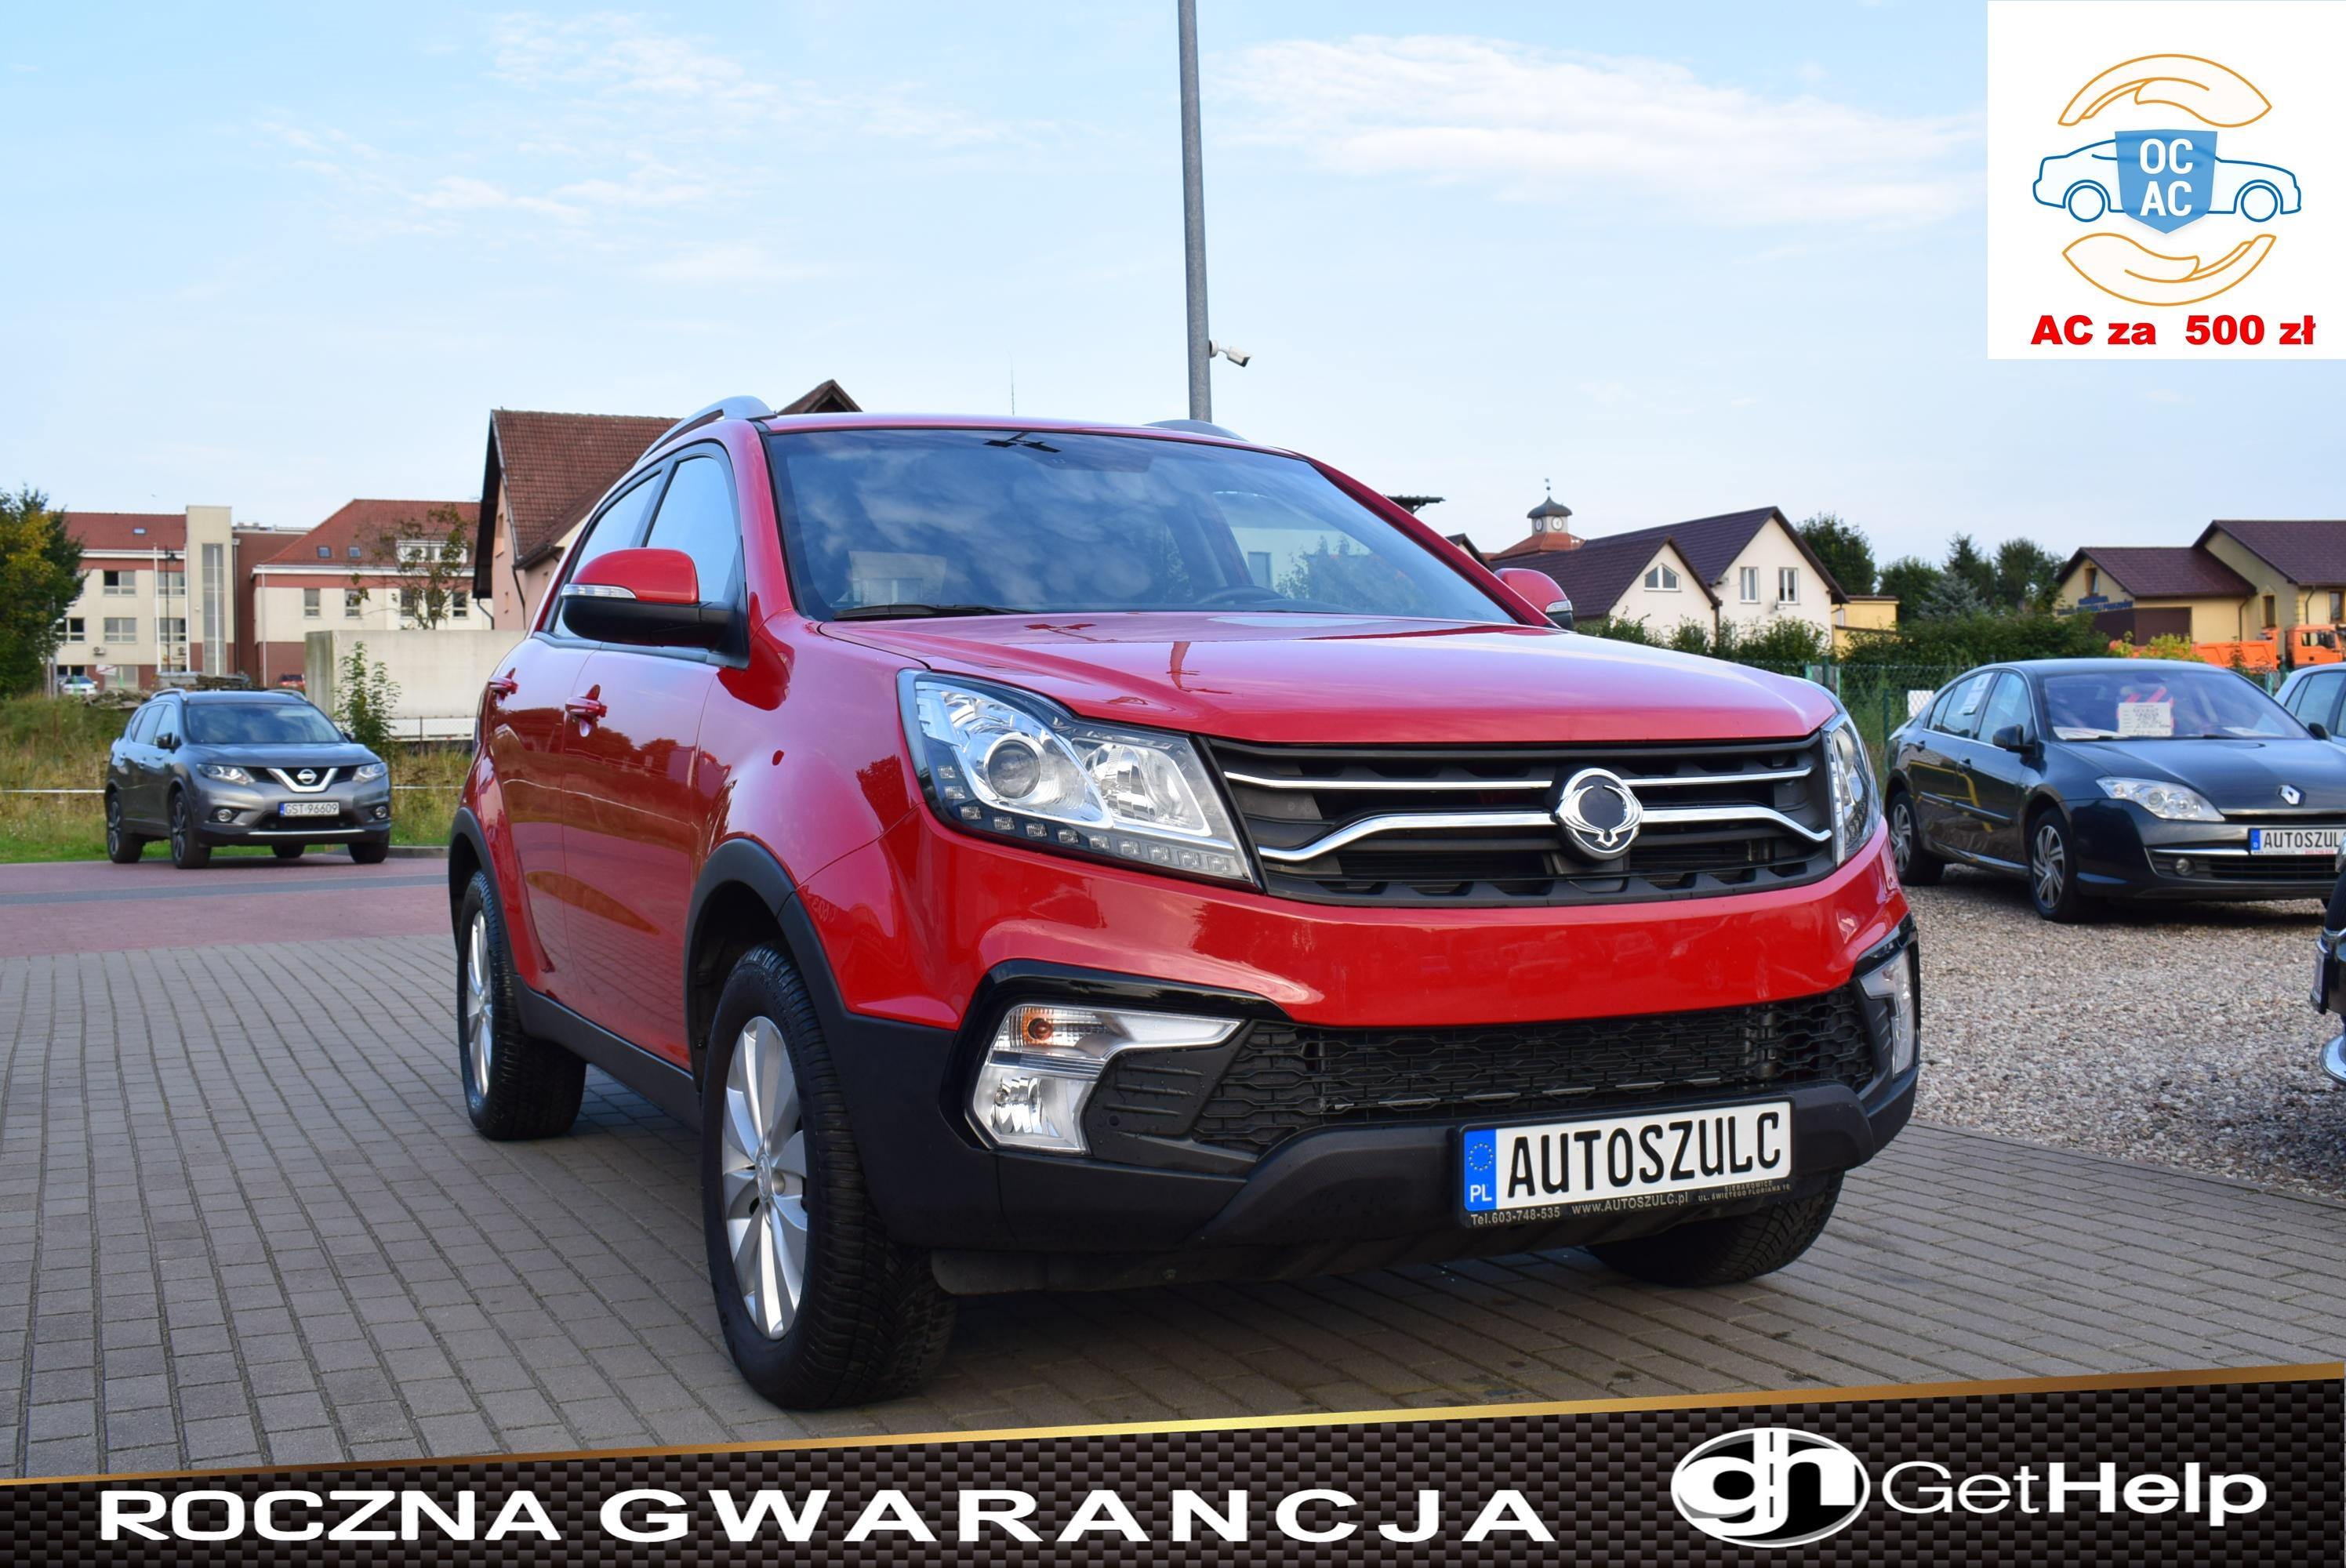 Ssangyong Korando 2.0 Benzyna, SUV, Niski Przebieg, Wyjątkowy, Zadbany, Stan bdb, Rok Gwarancji